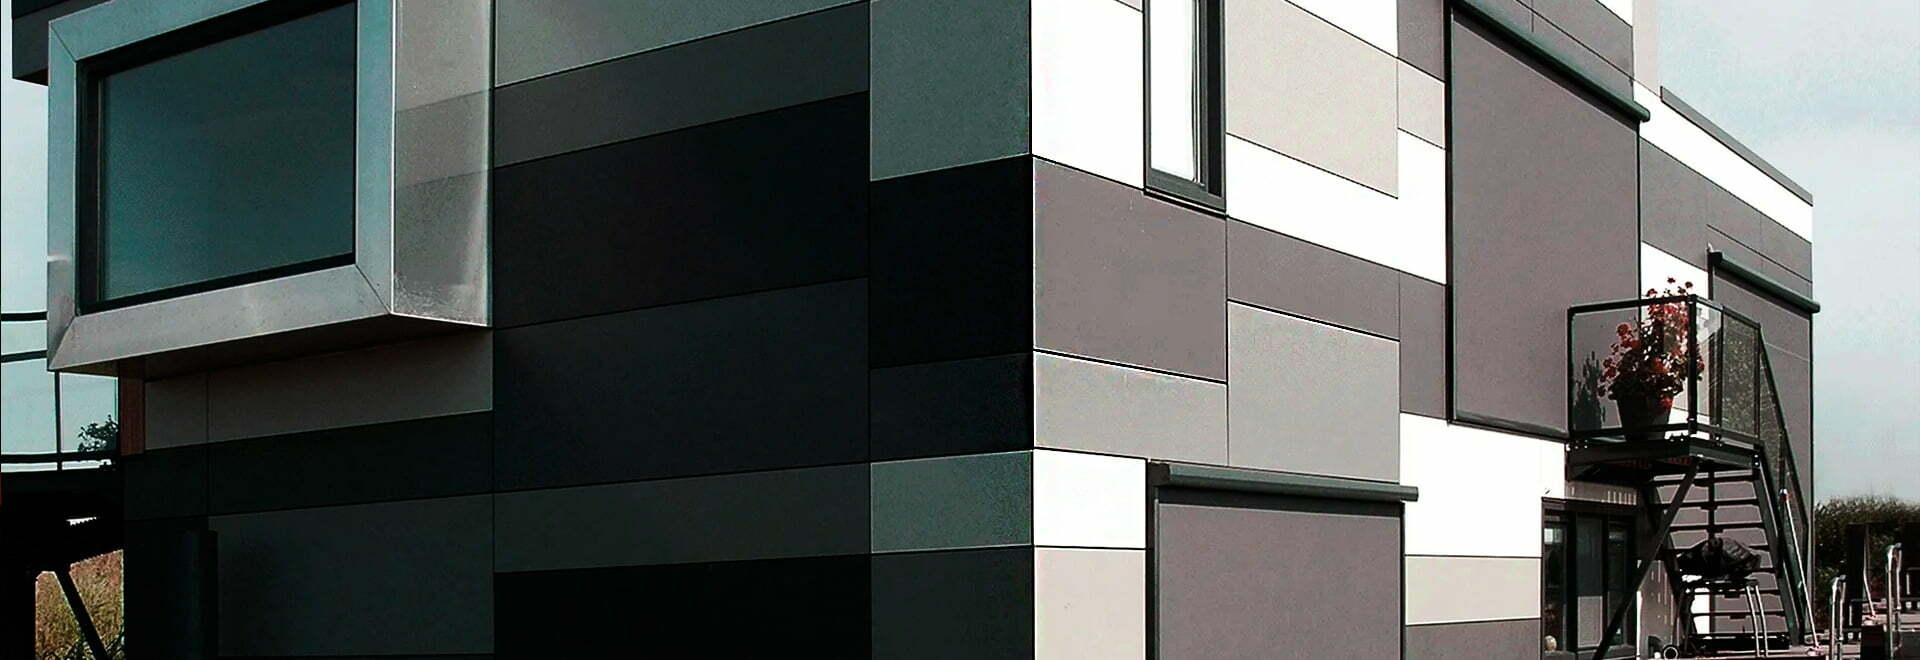 Изготовление и монтаж фасадных металлокассет из аллюминия и стали